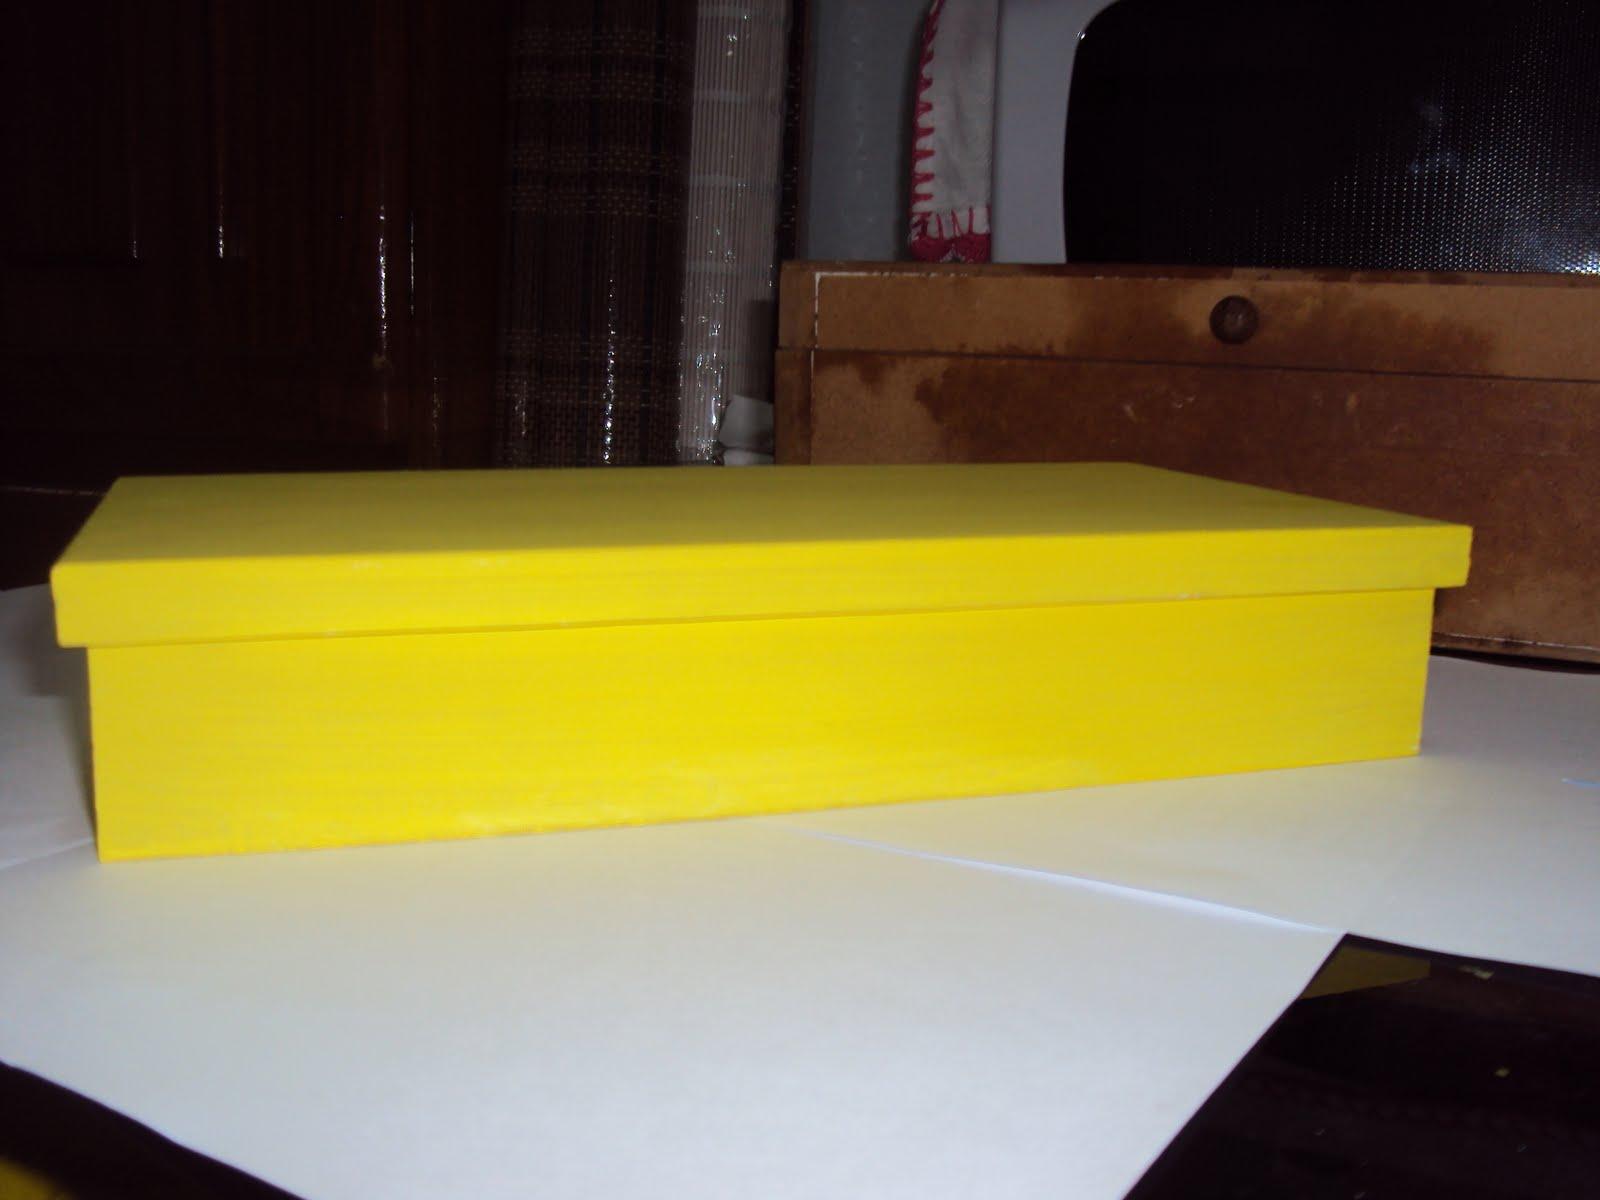 Usei uma caixinha de MDF comprada nestas lojas populares. Passei uma demão  de tinta branca para a base (só esqueci de fotografar este passo). 49764544ef0